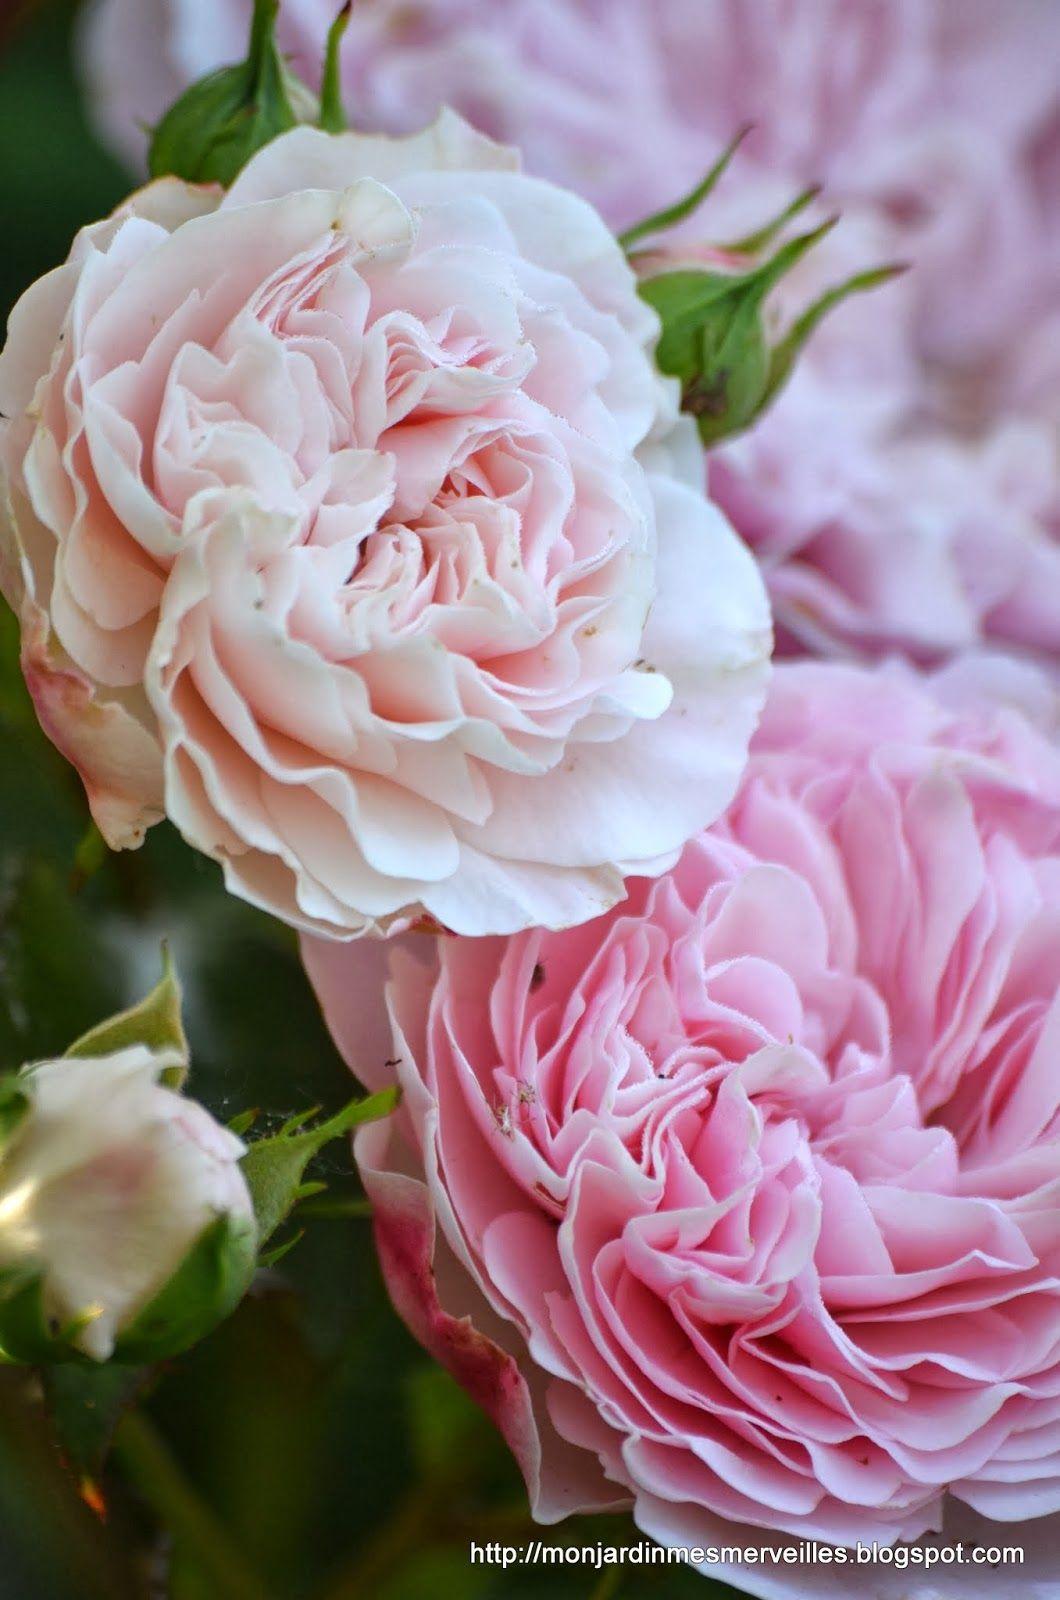 Il Mio Giardino Le Mie Meraviglie Flowers And Gardens Pinterest